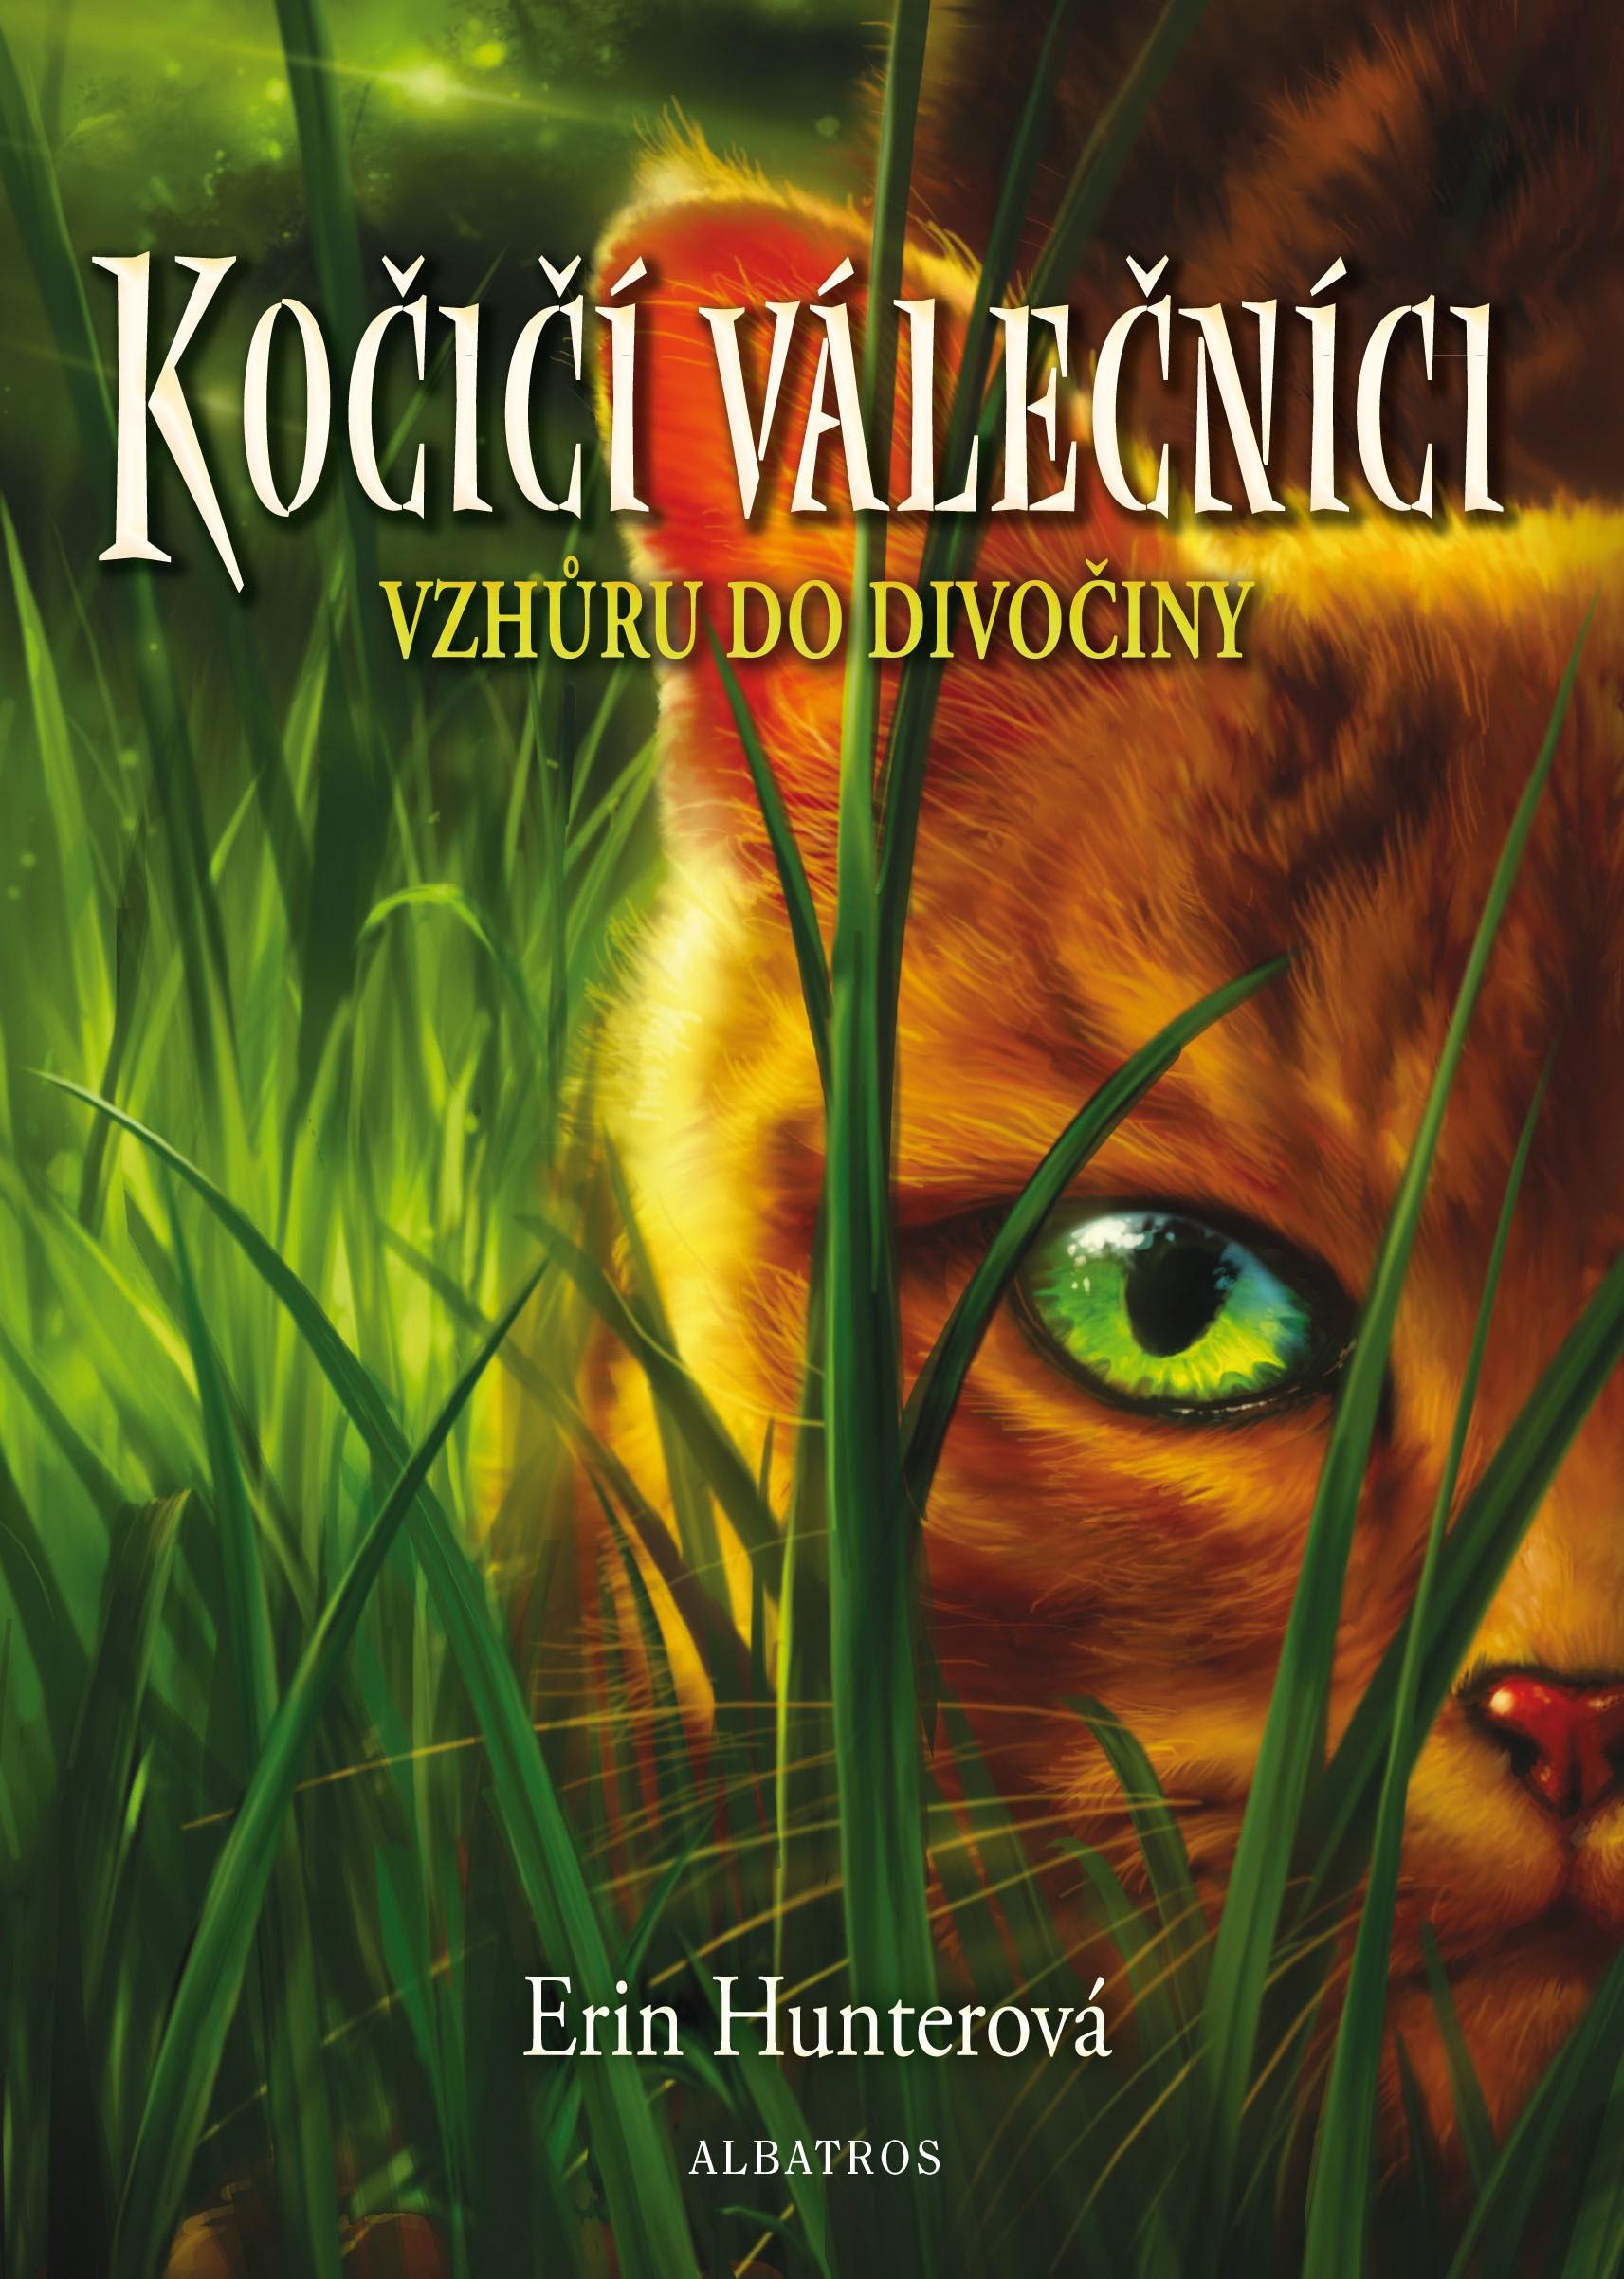 Kočičí válečníci (1) - Vzhůru do divočiny | Erin Hunterová